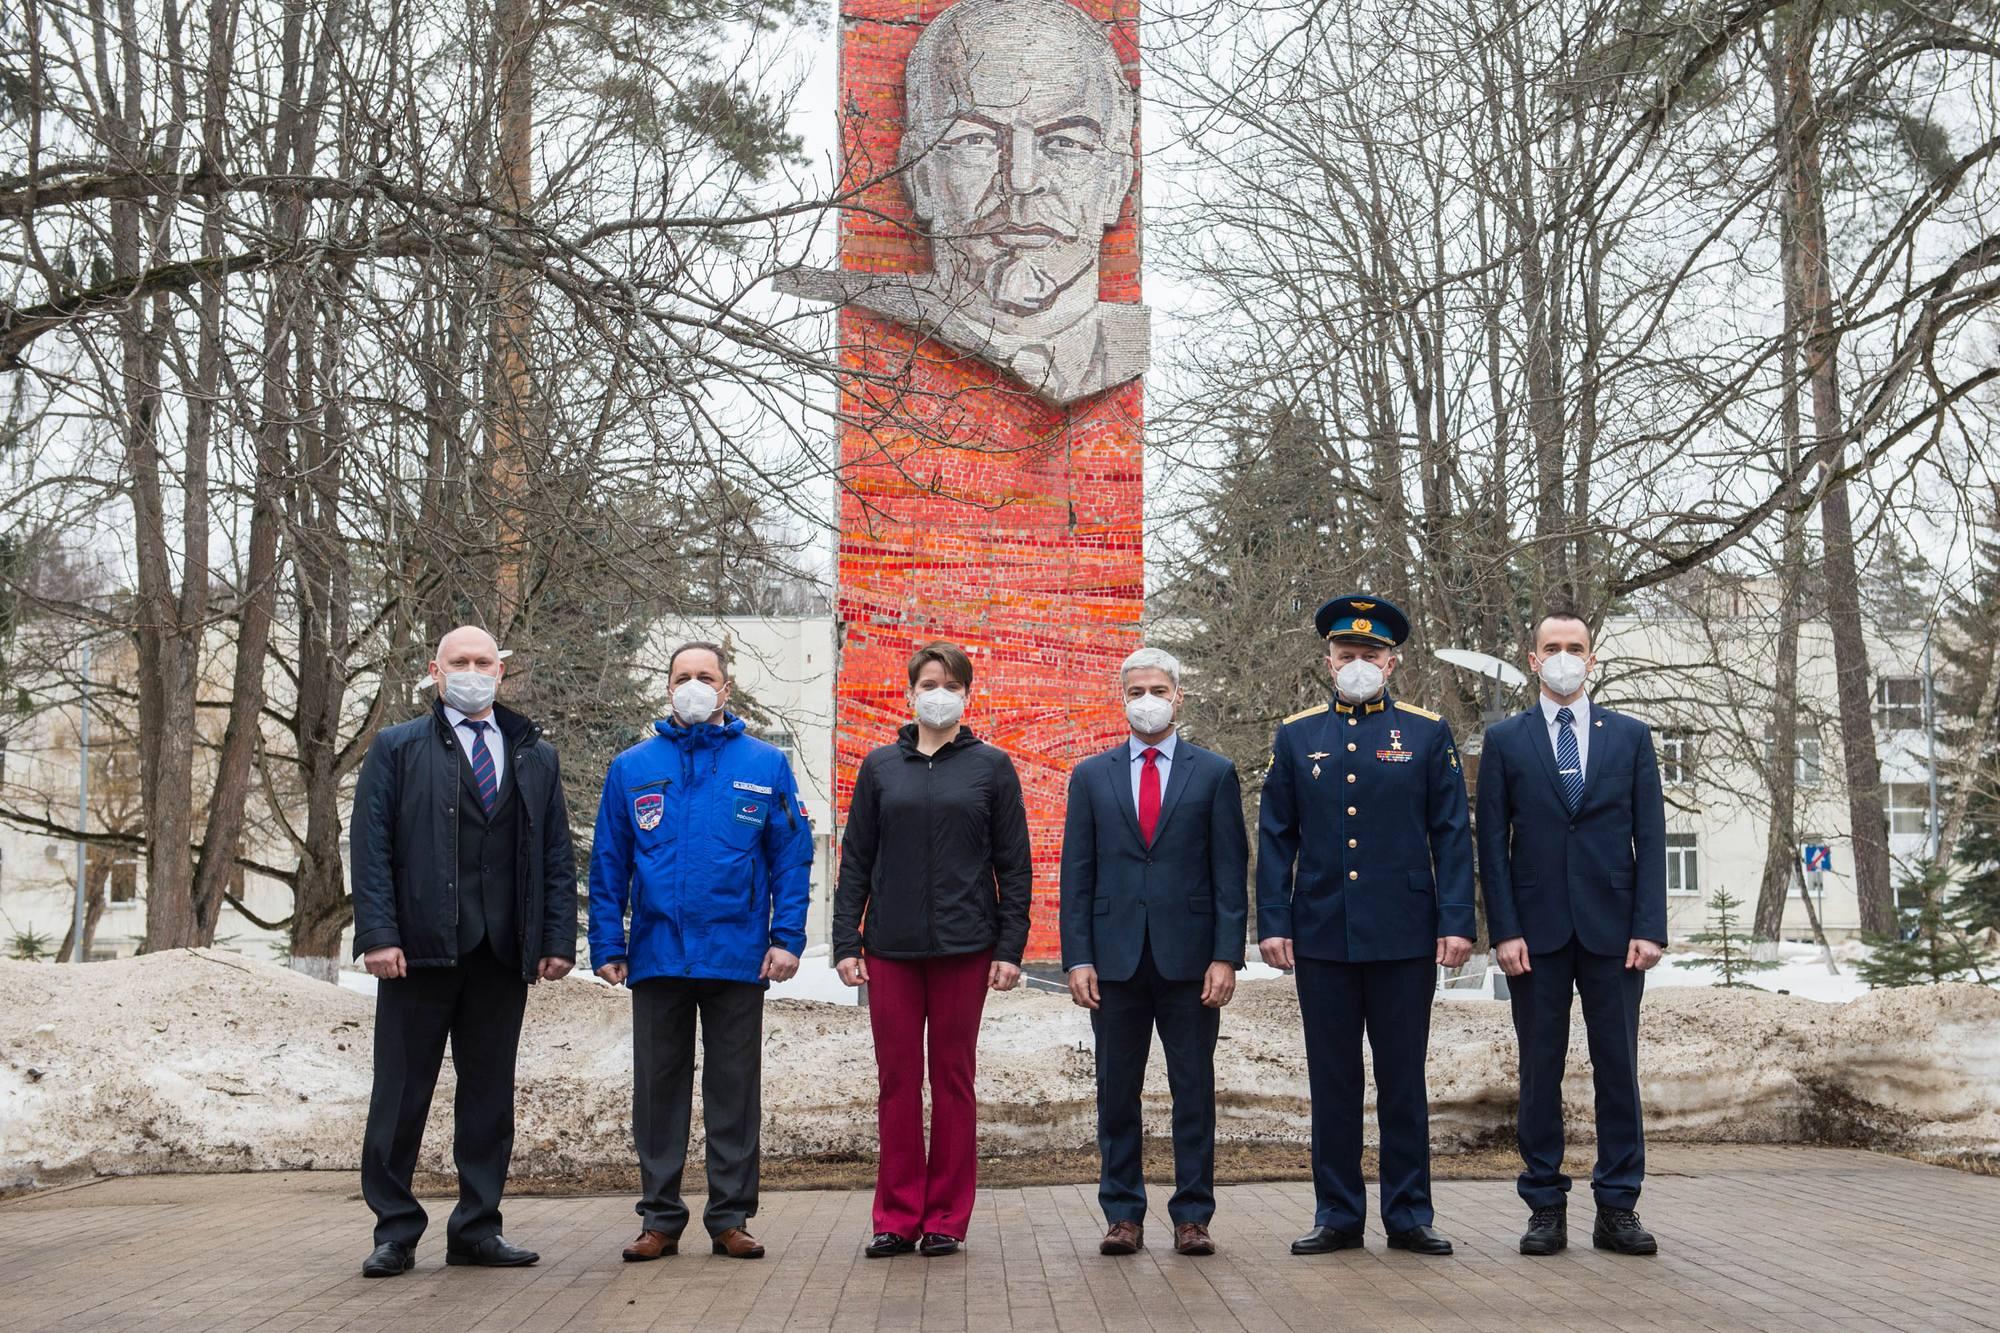 Pose photographique devant la céramique de Lénine.